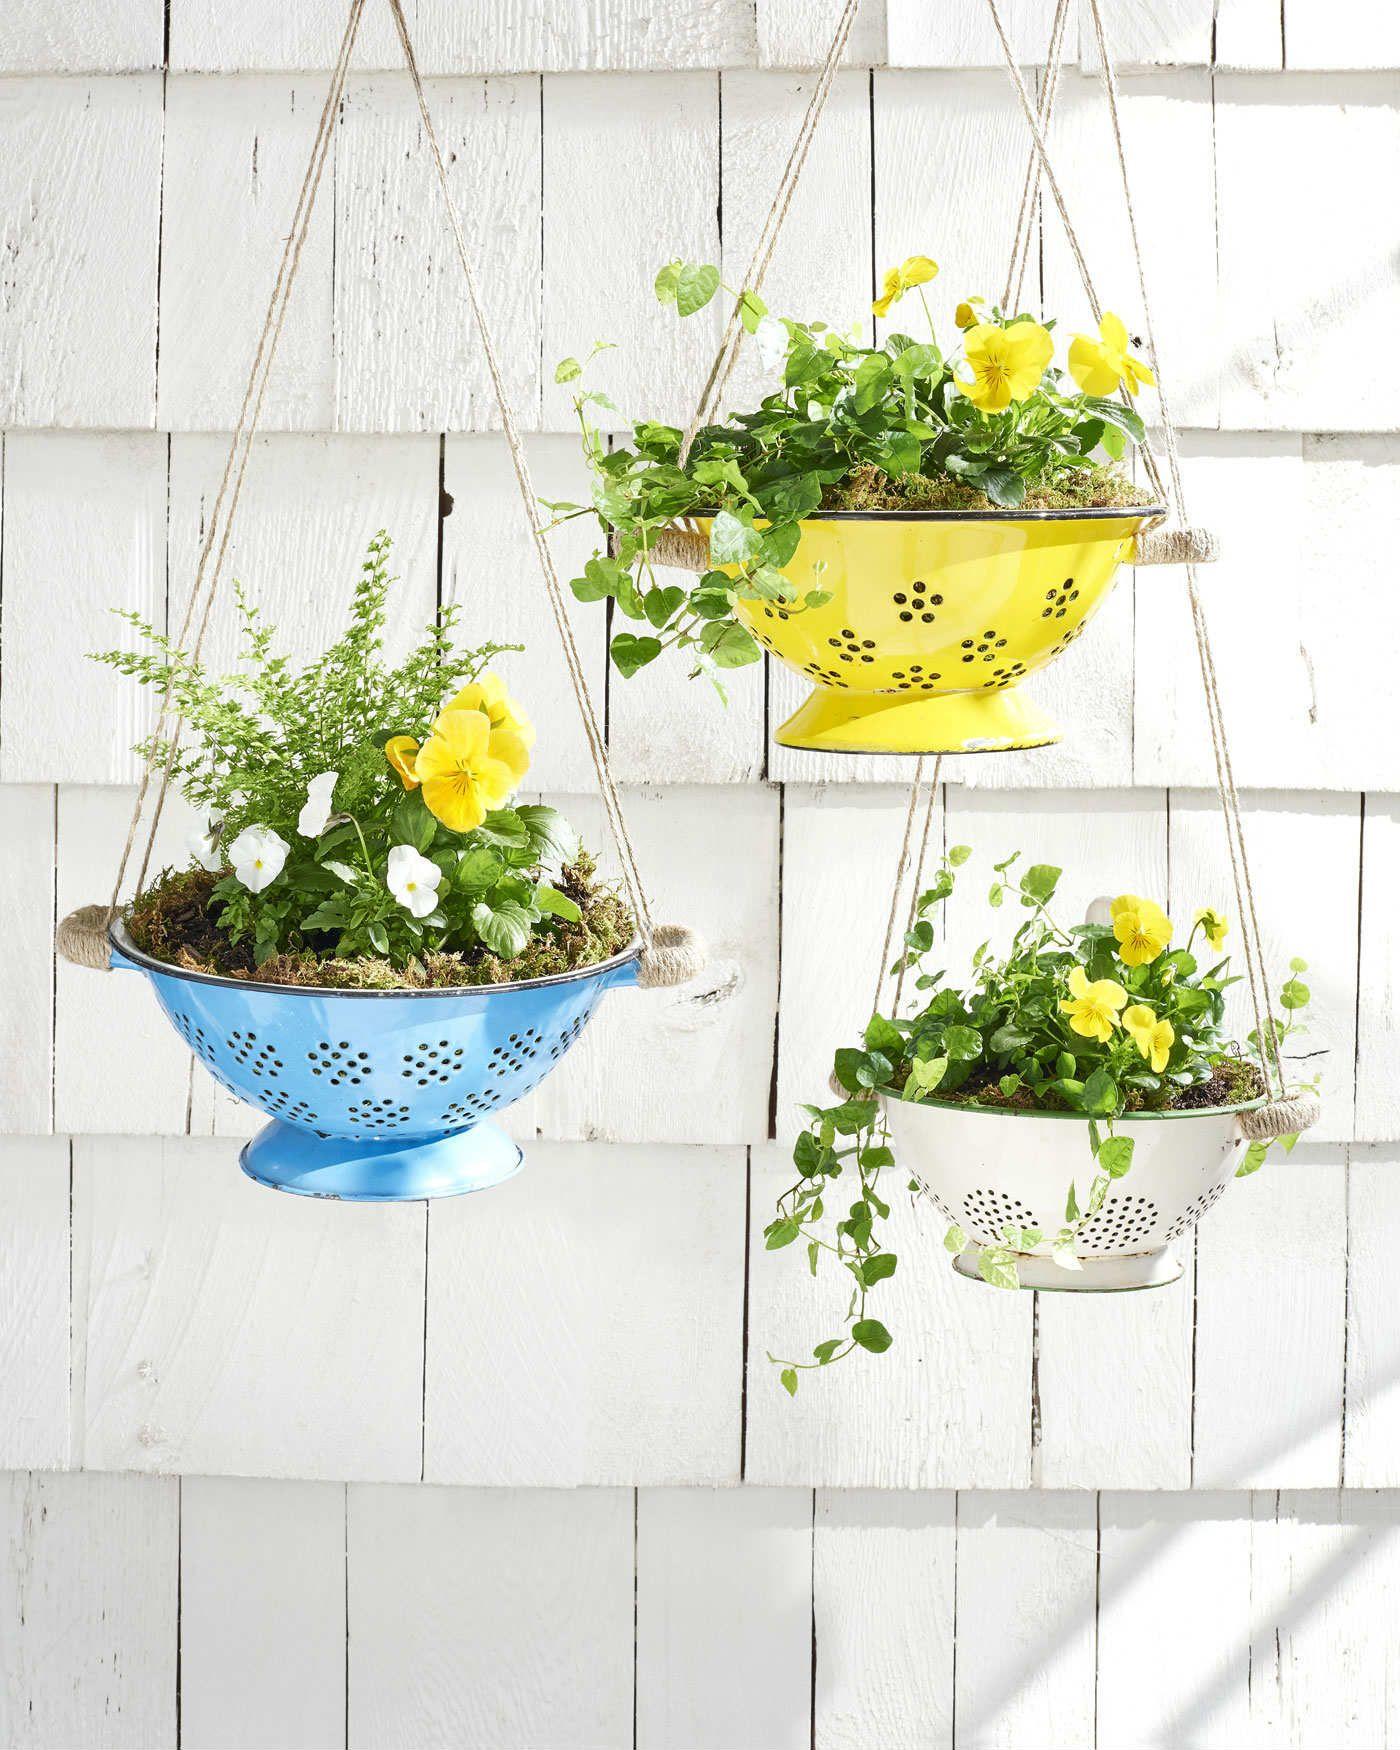 Idee Per Vasi Da Fiori scolapasta e idee creative l'arte del riciclo!!! (con